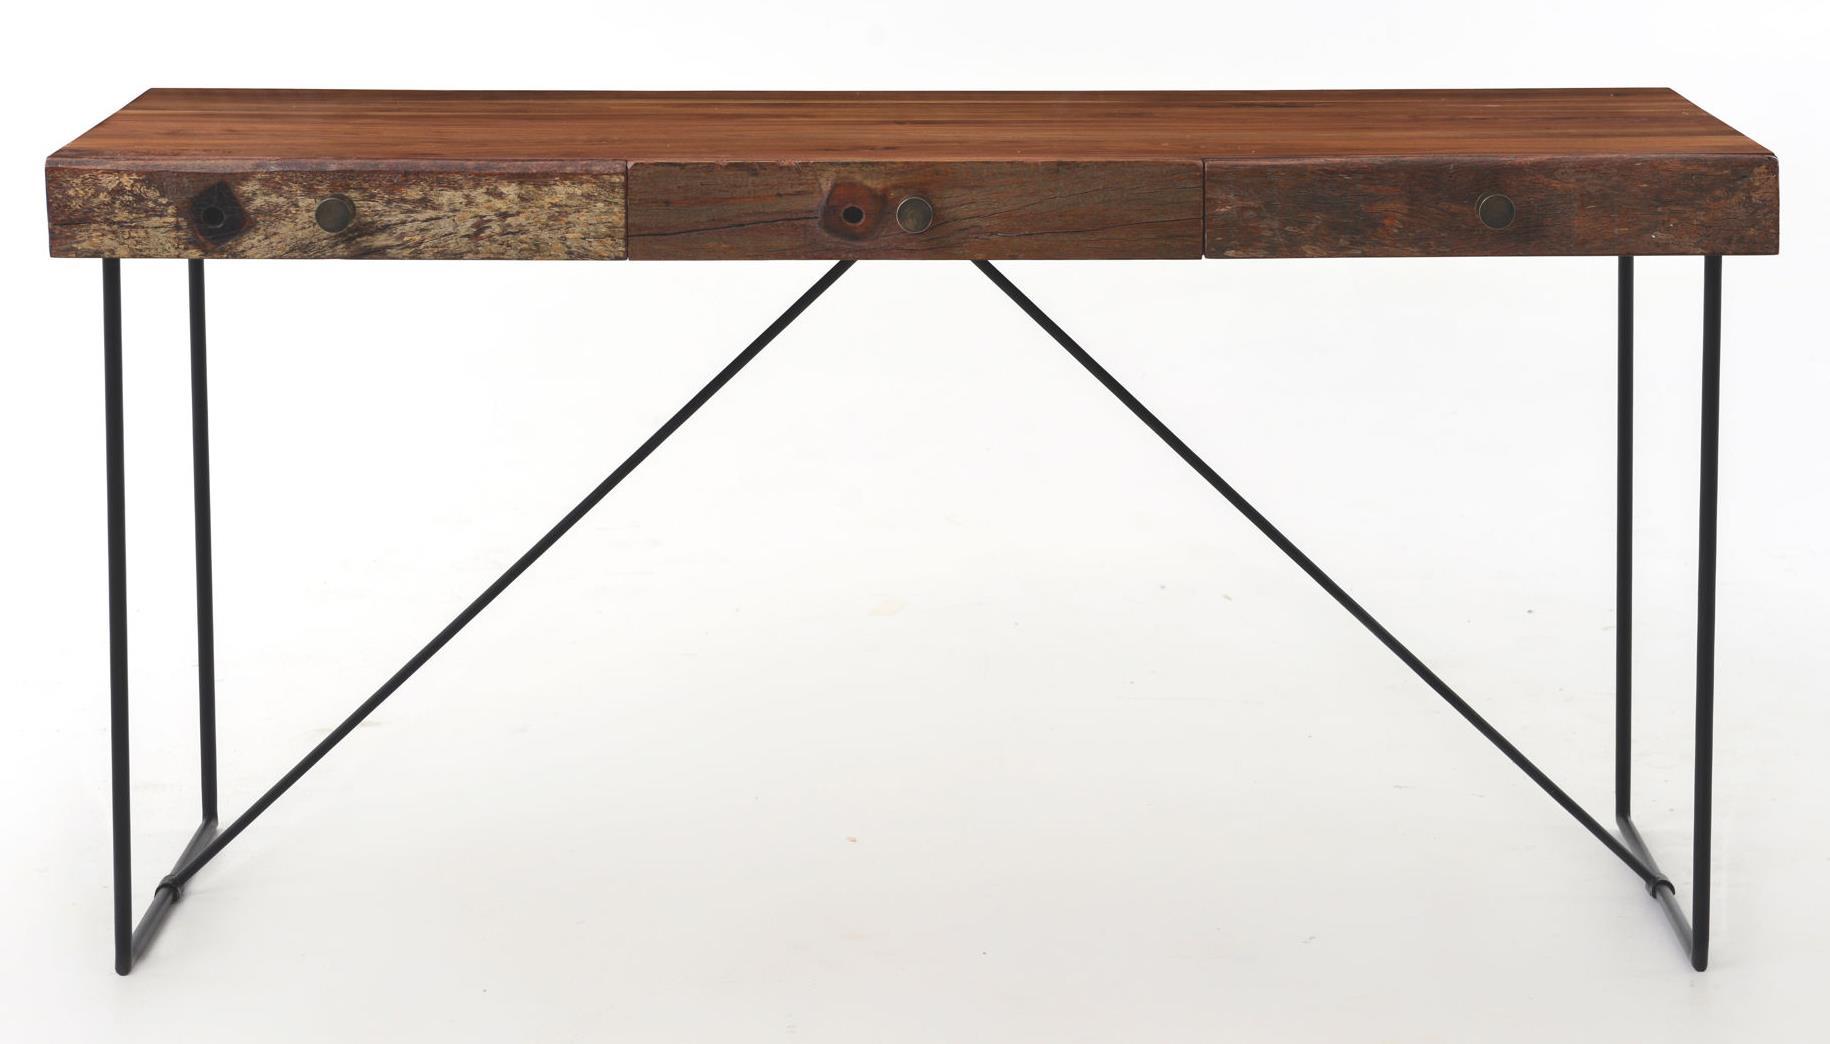 Four Hands Bina Wright Desk - Item Number: VBNA-DK806